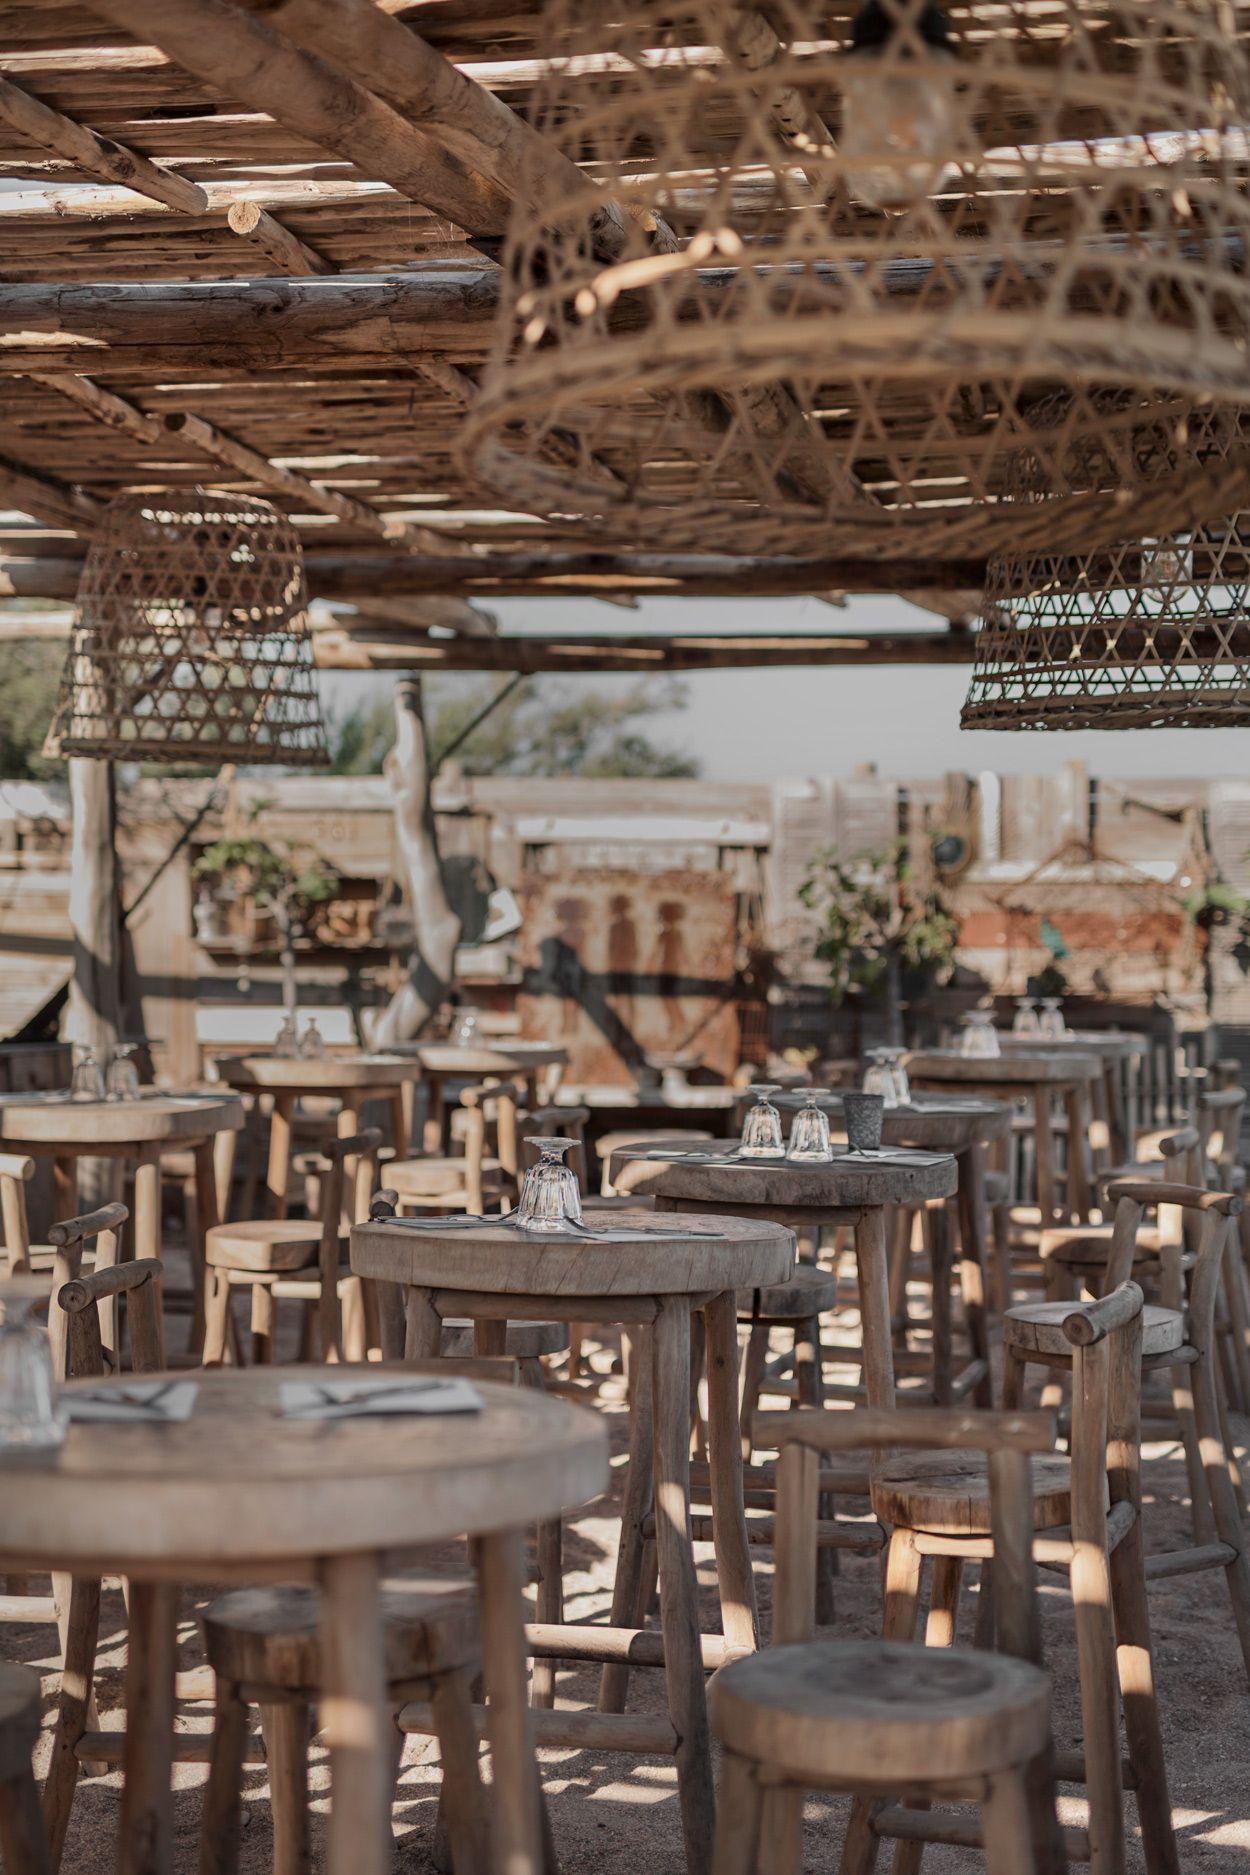 Bohemian Beach Bar Plage Bonaventure Interieur De Restaurant Bars De Plage Mobilier Restaurant